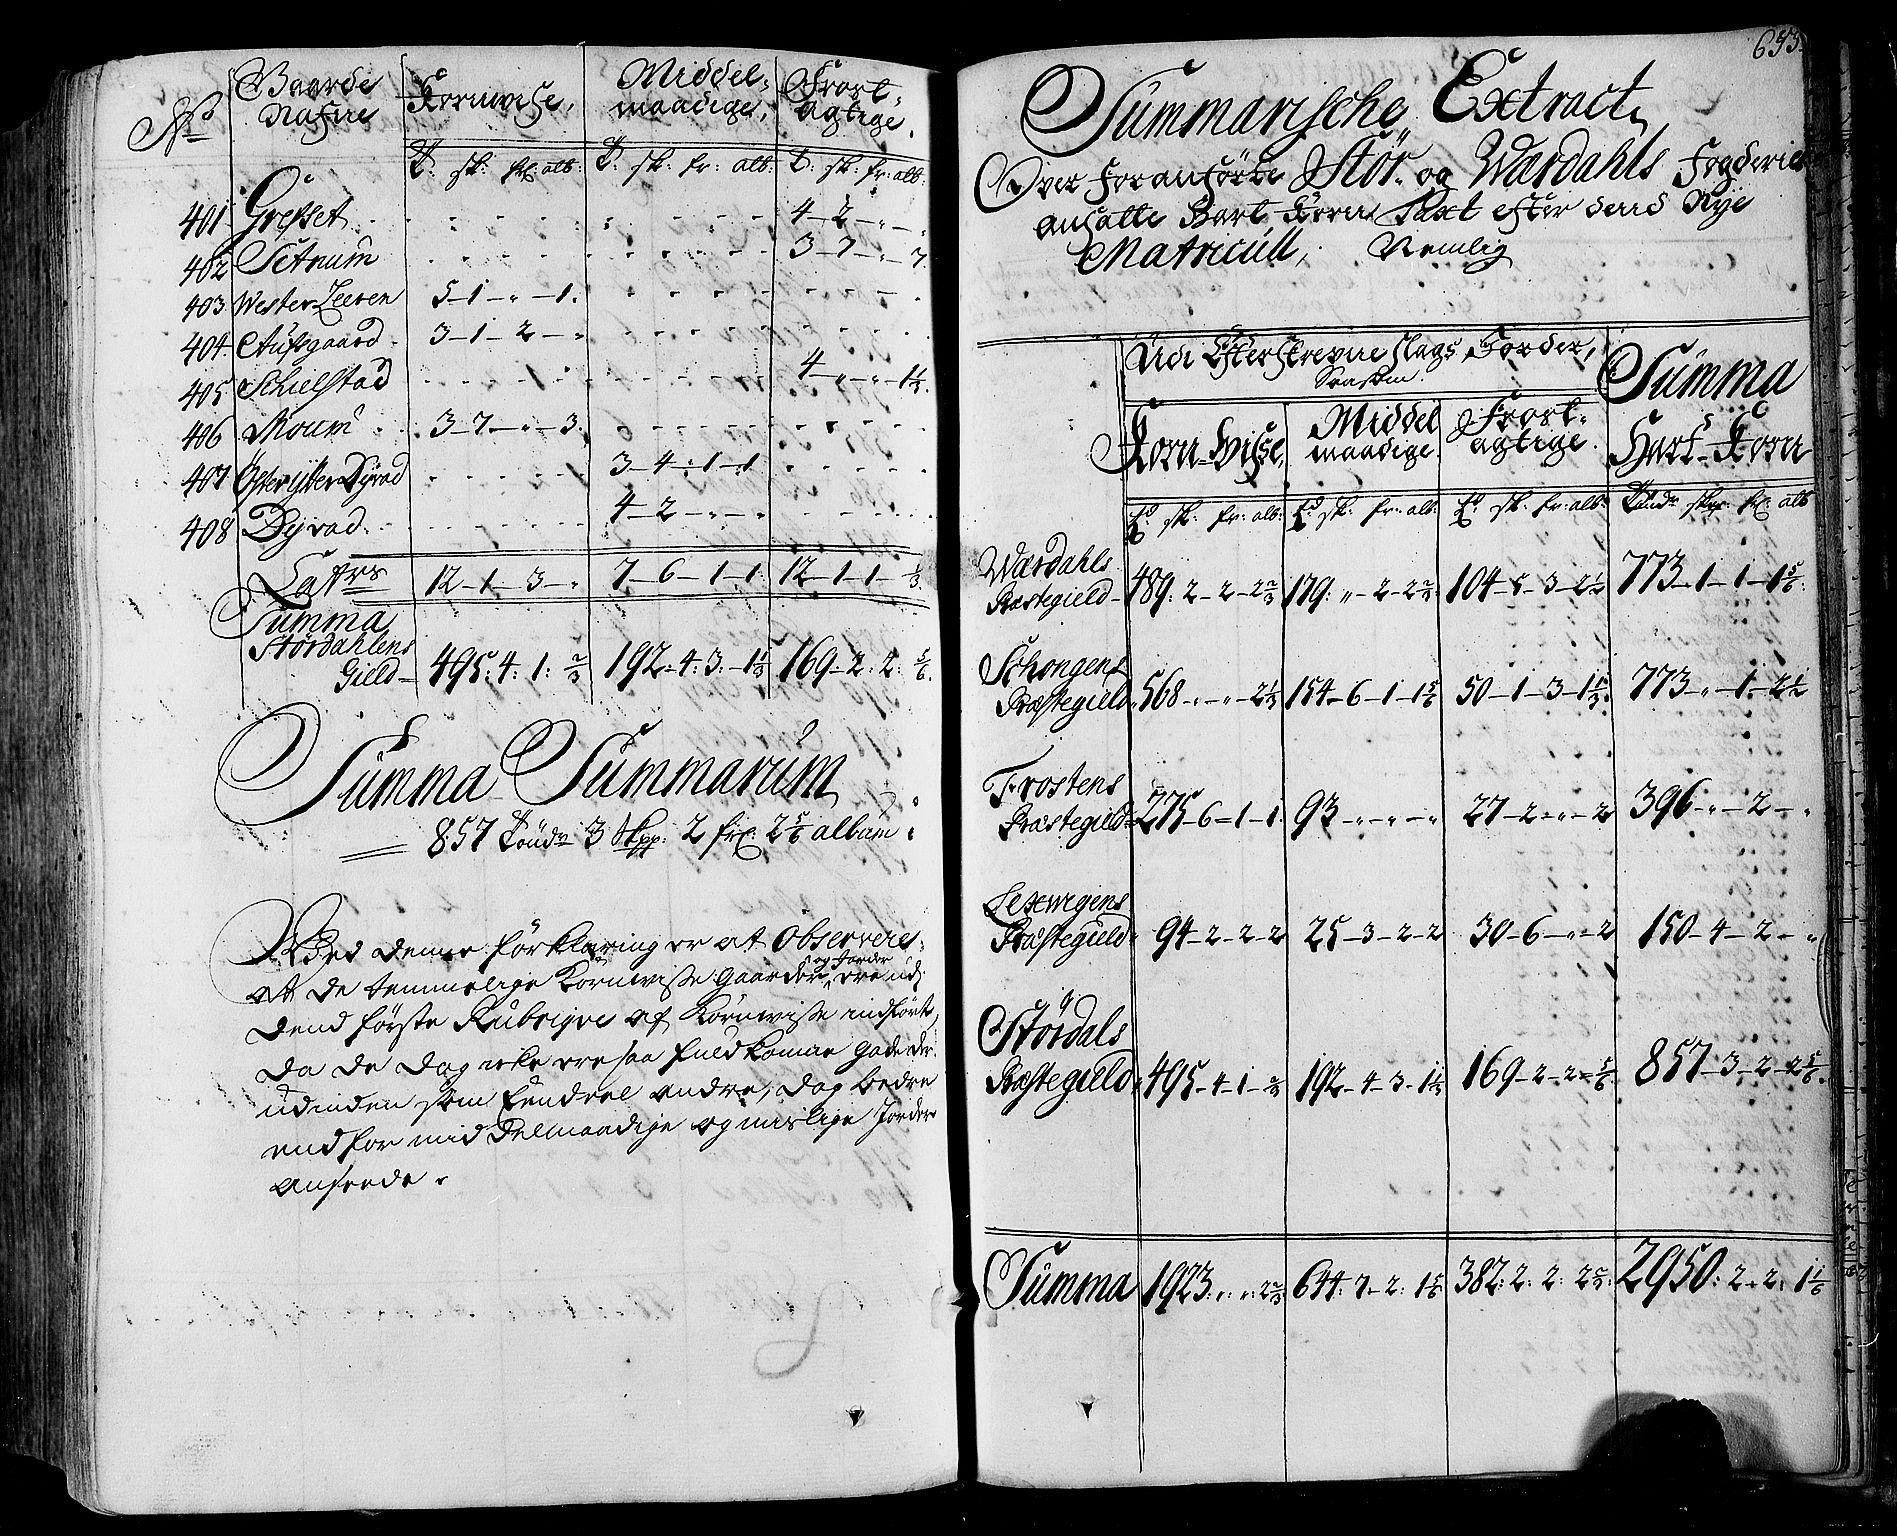 RA, Rentekammeret inntil 1814, Realistisk ordnet avdeling, N/Nb/Nbf/L0164: Stjørdal og Verdal eksaminasjonsprotokoll, 1723, s. 652b-653a